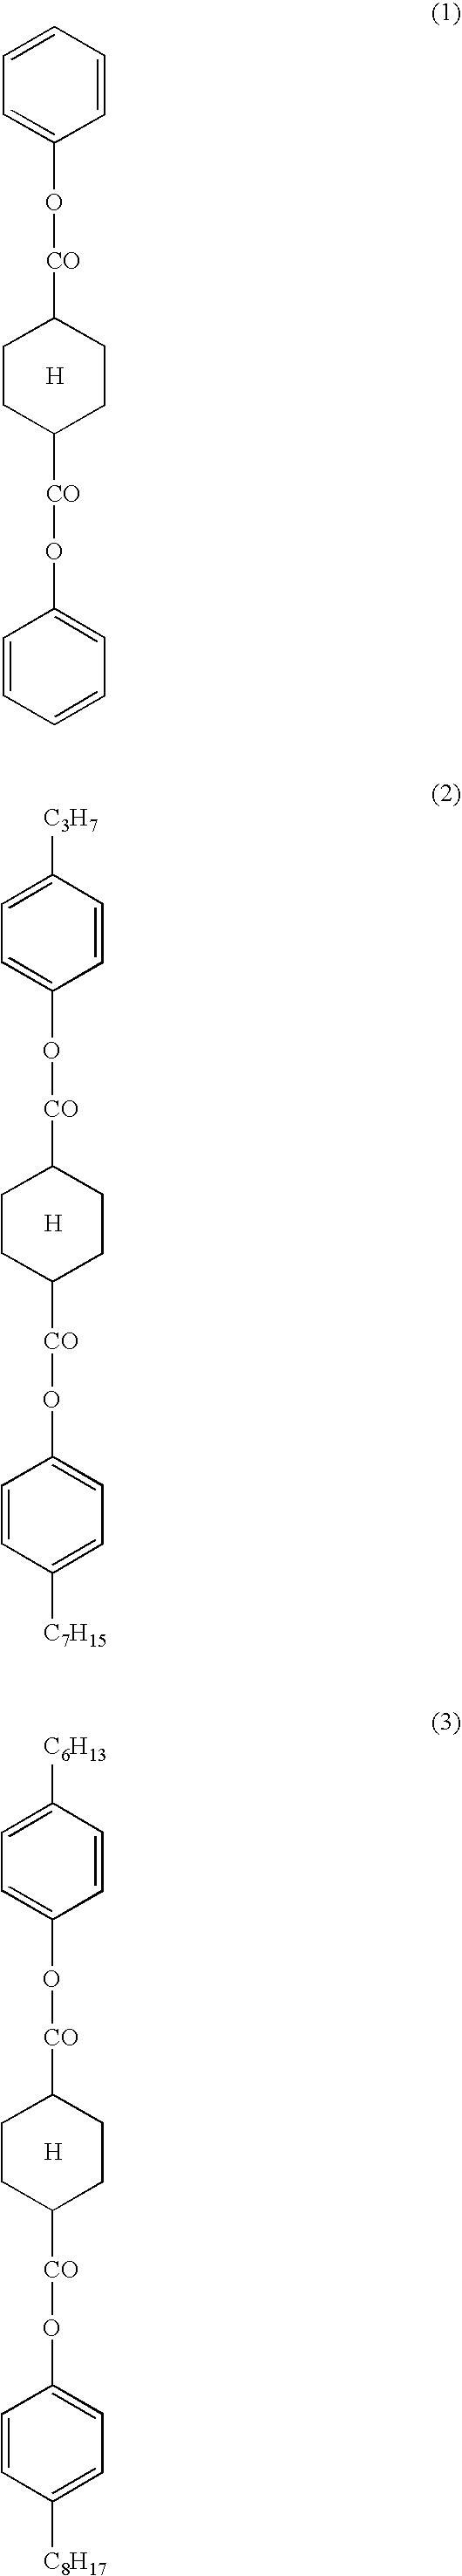 Figure US07504139-20090317-C00001